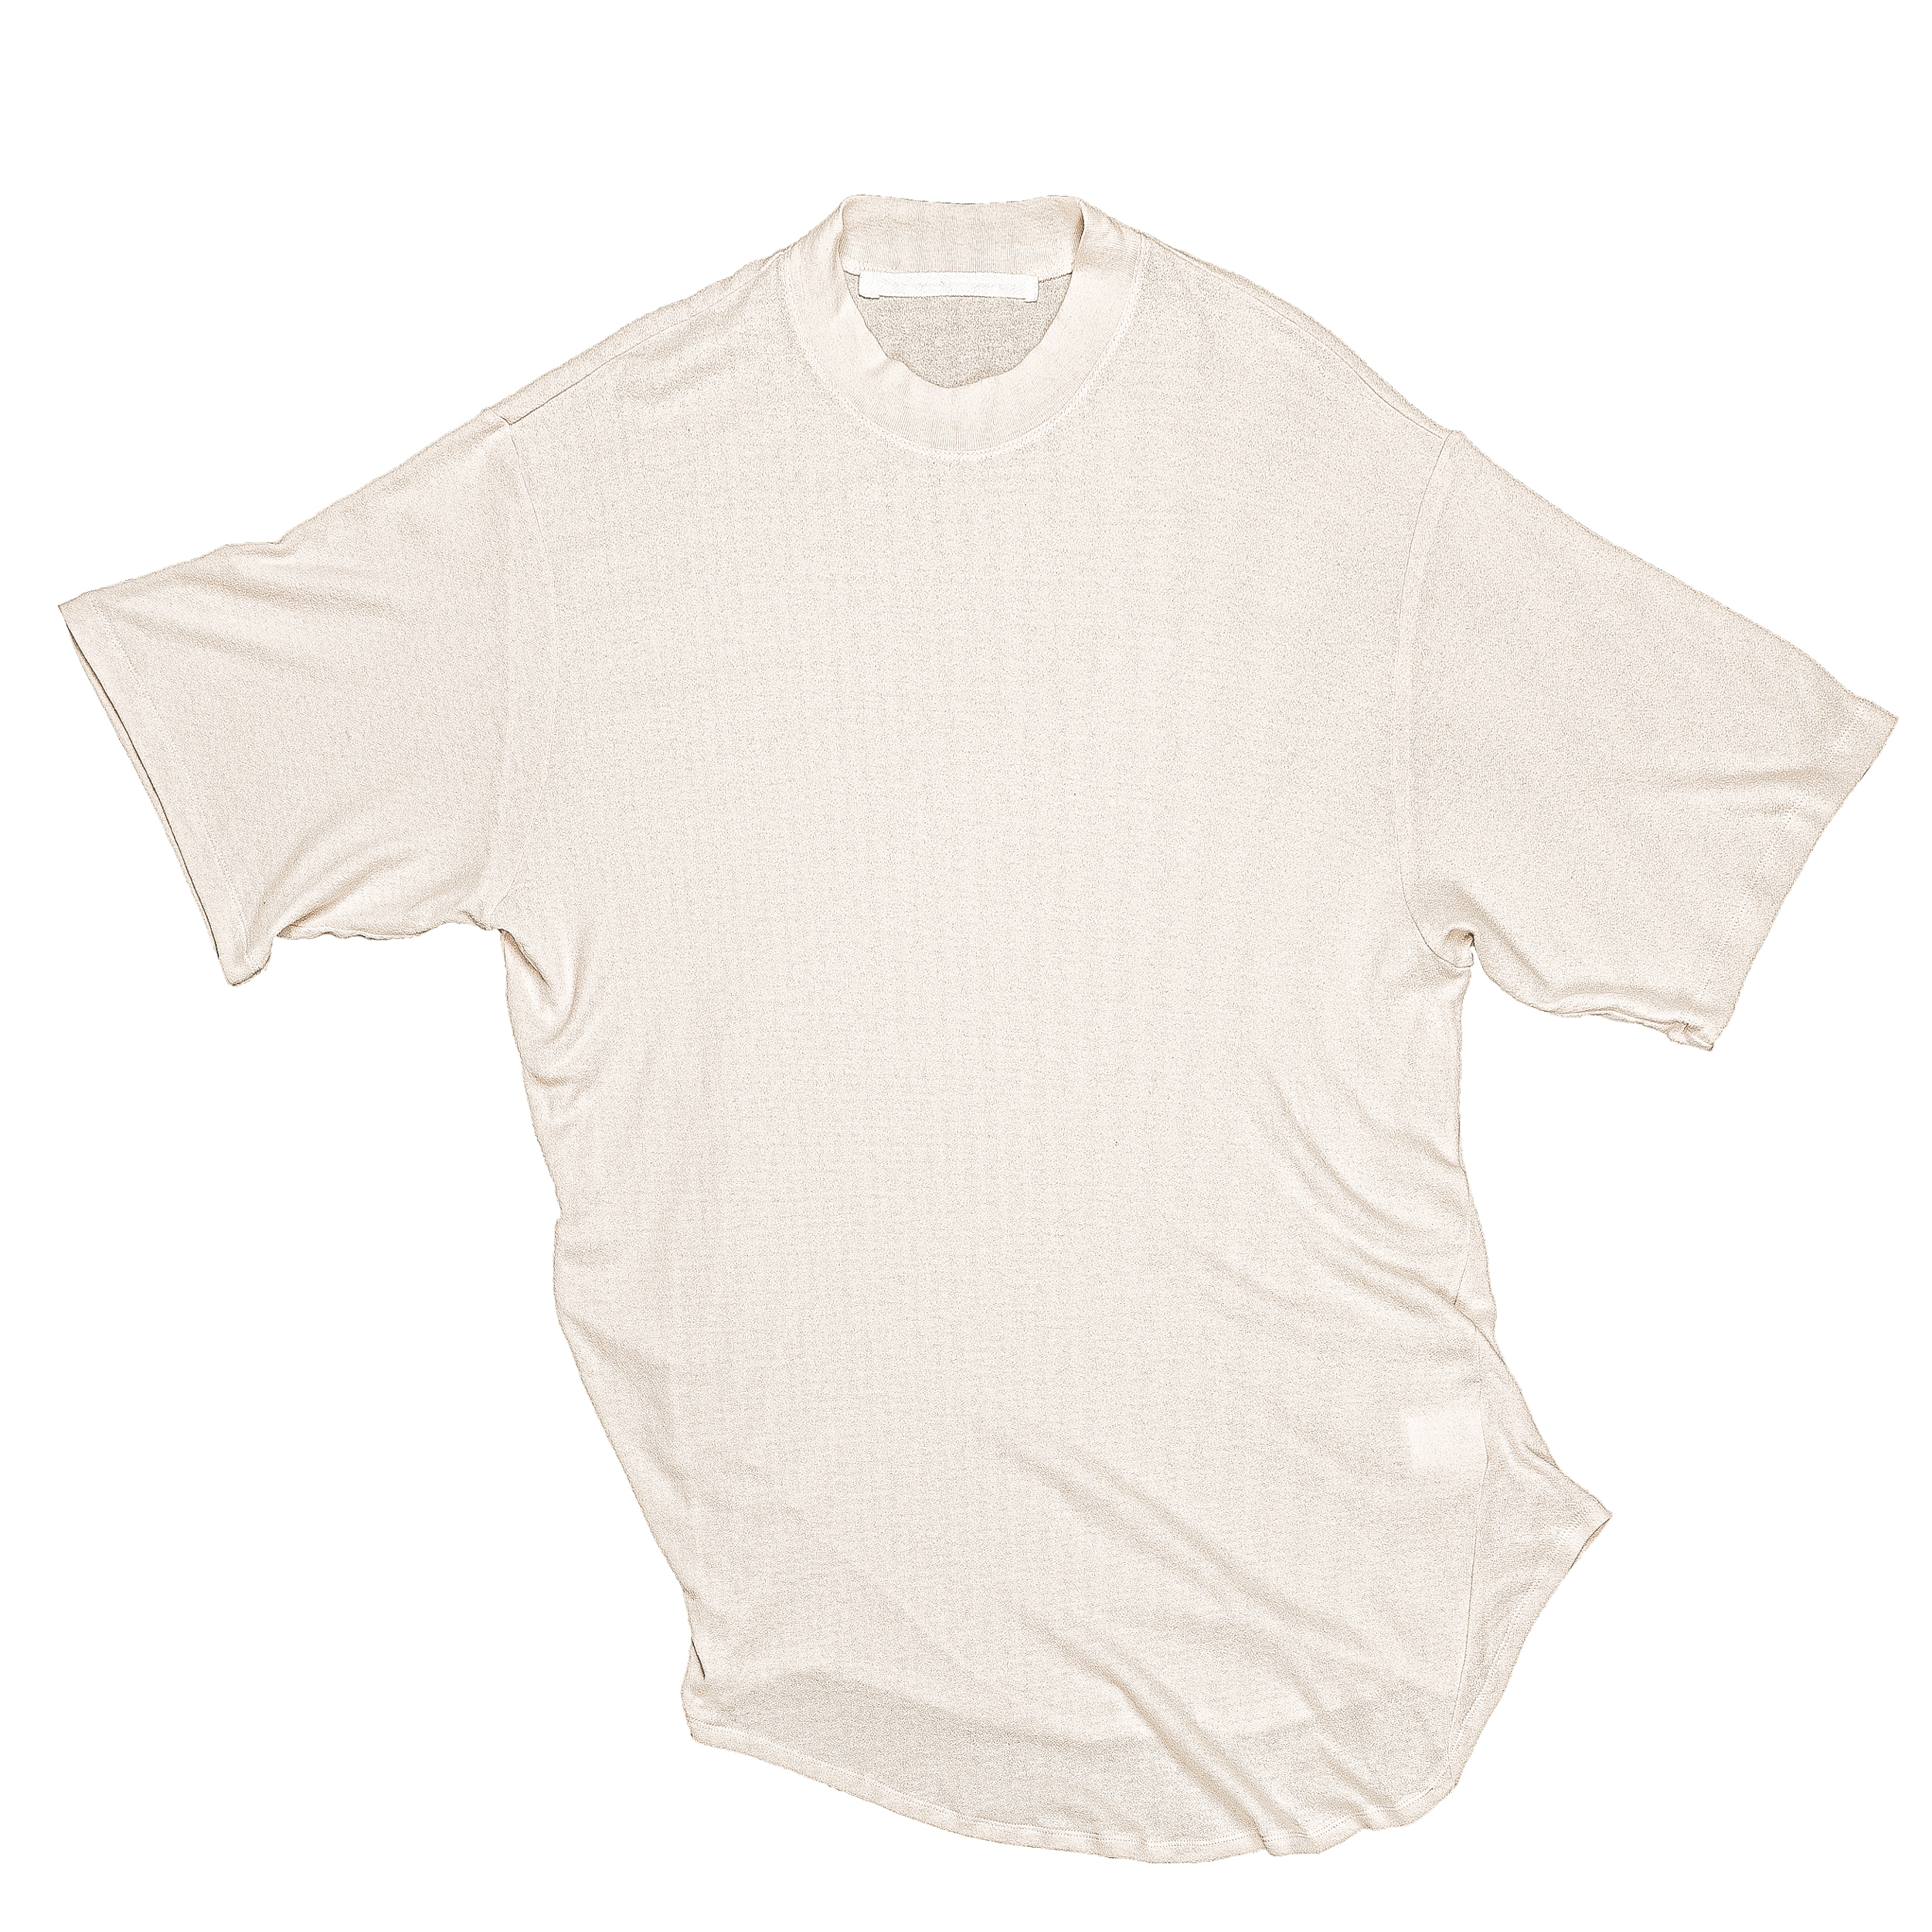 667CUM10-LIGHT BEIGE / ドレーピング Tシャツ